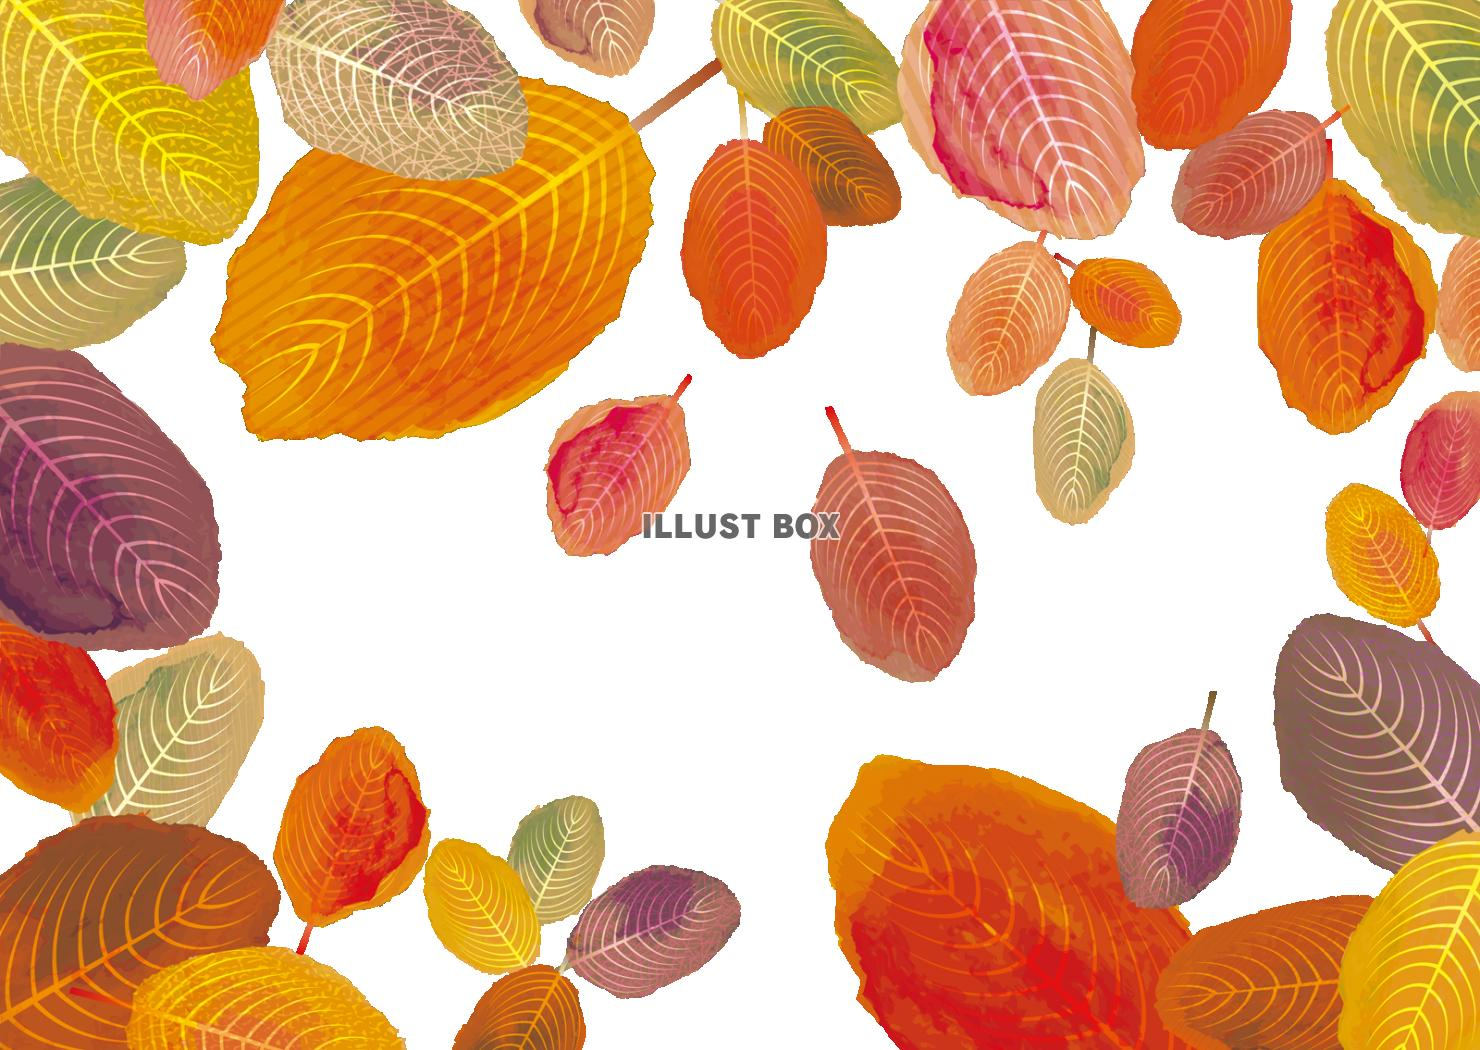 無料イラスト 紅葉背景枯葉落葉秋冬シルエット10月11月12月壁紙ポストカ